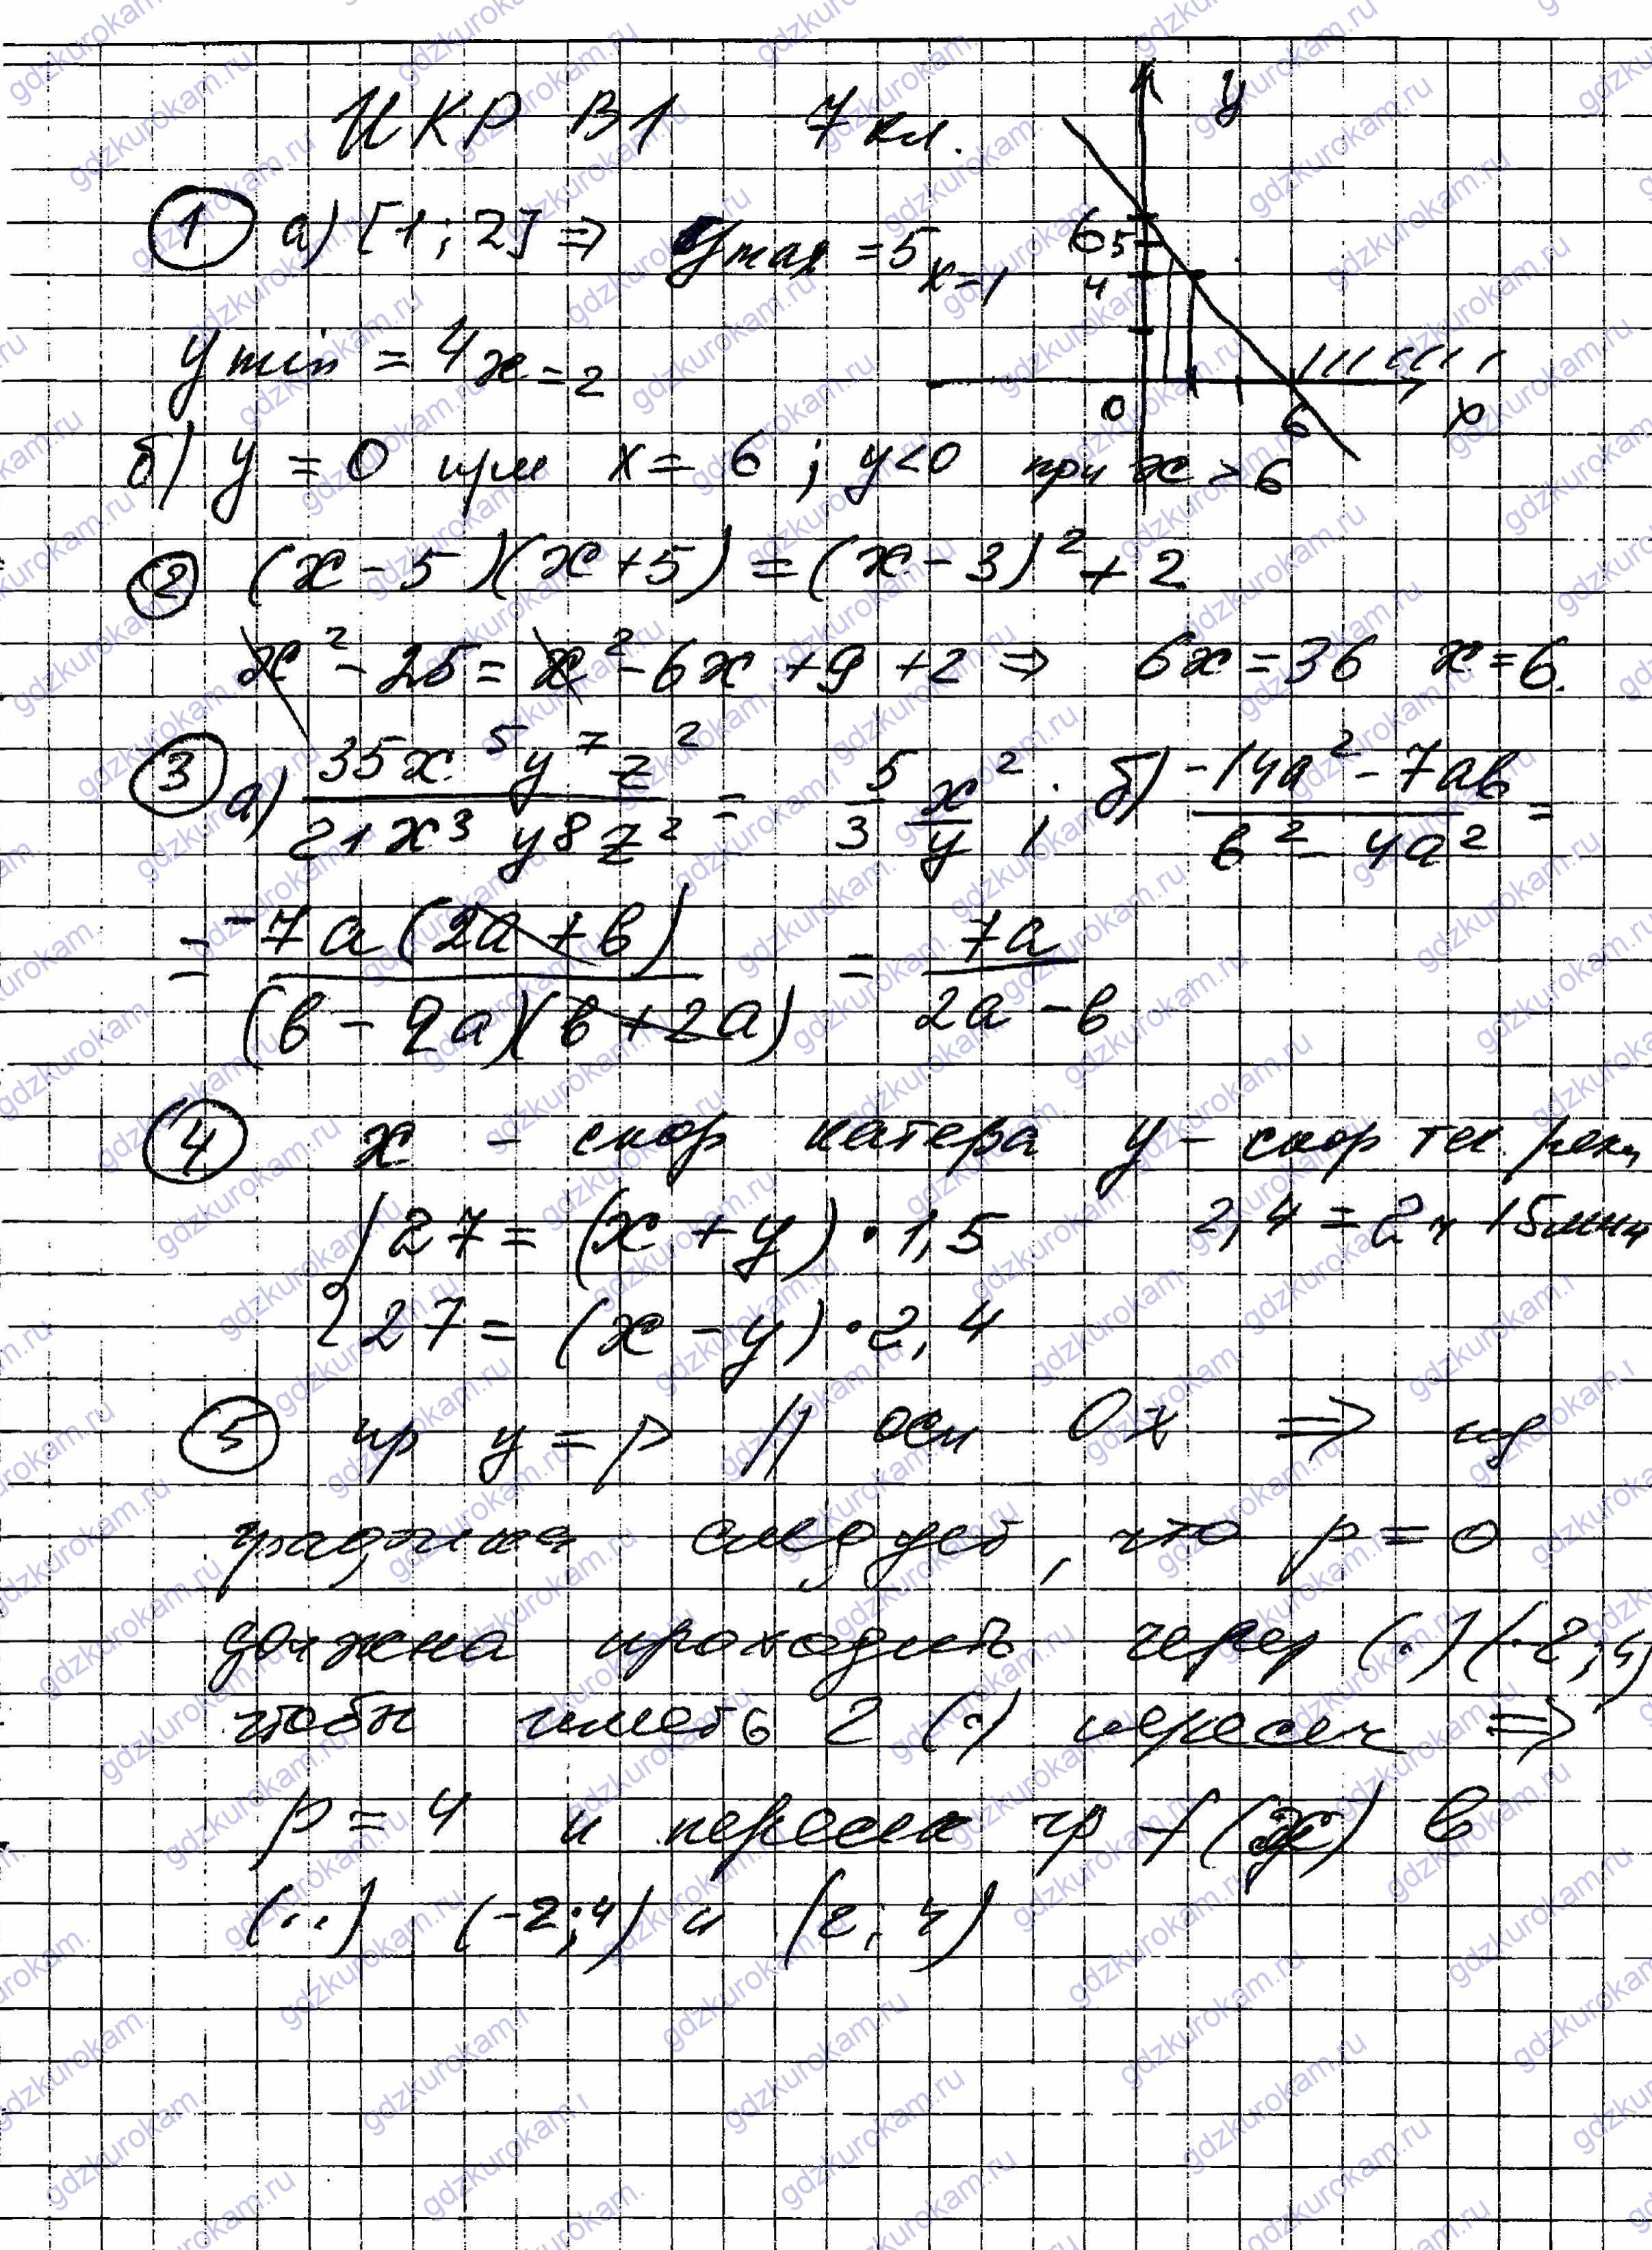 Итоговая работа по русскому языку в первом полугодие 2 класс по программе канакиной